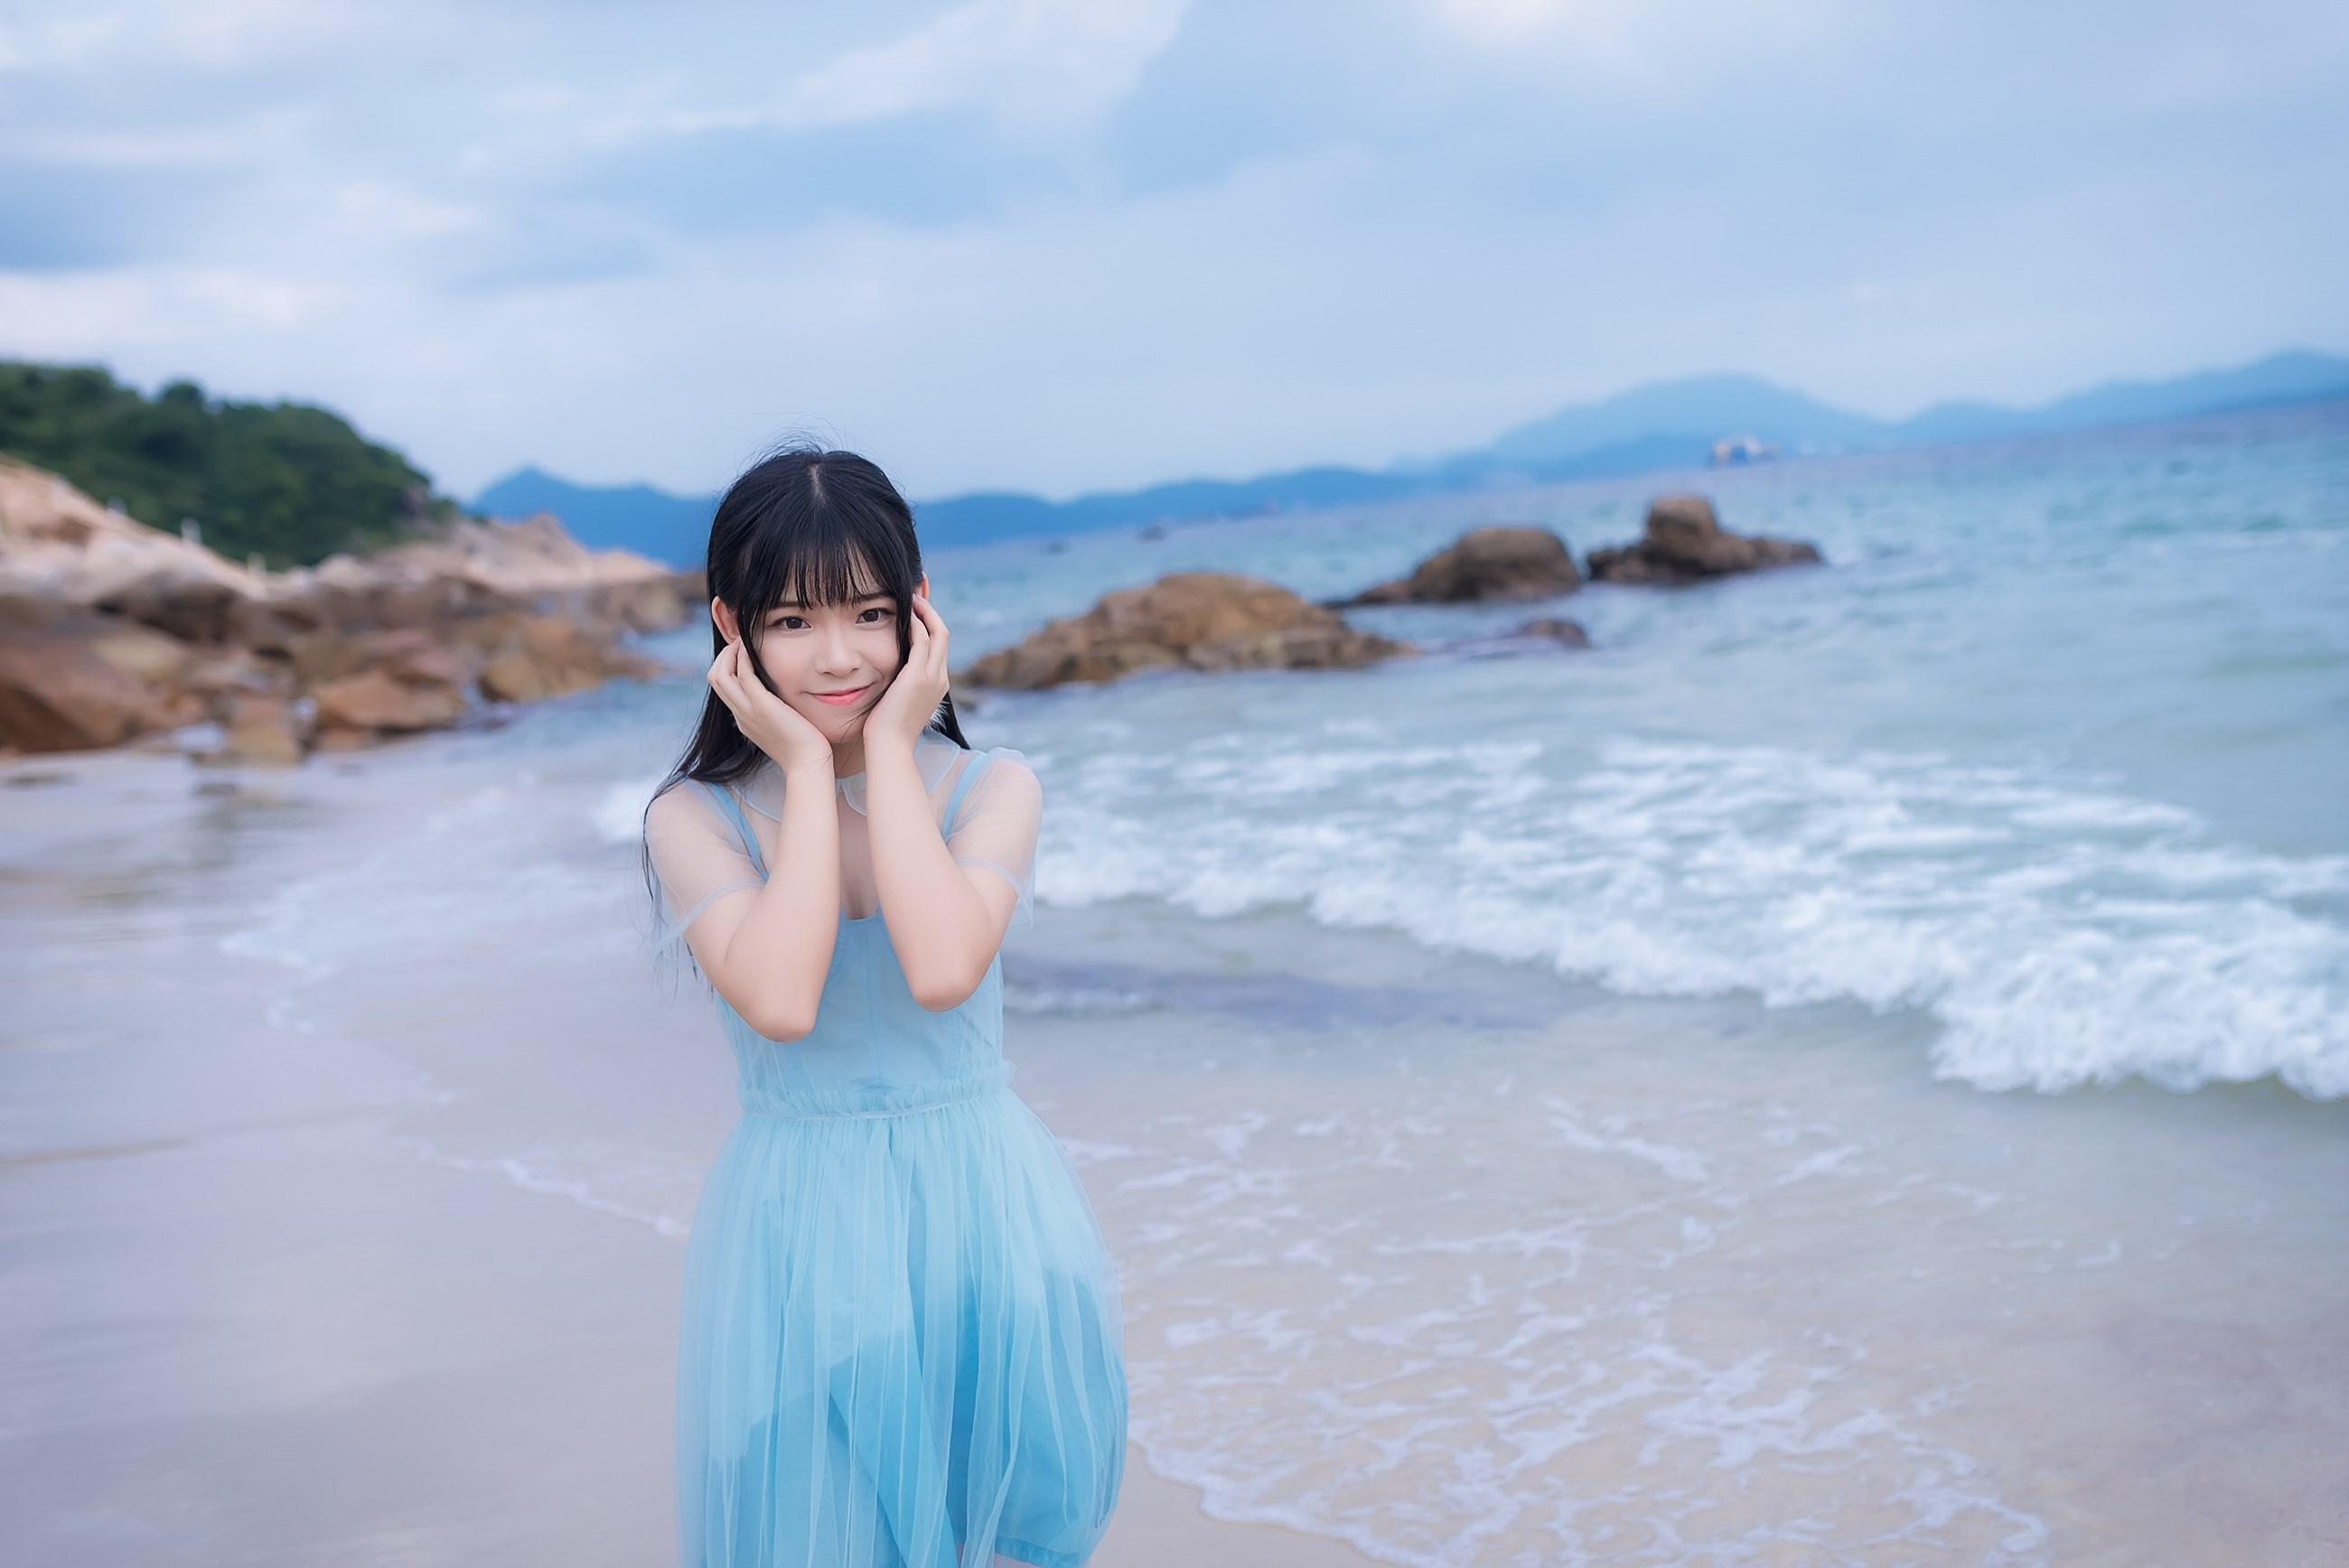 【兔玩映画】海的味道 兔玩映画 第17张